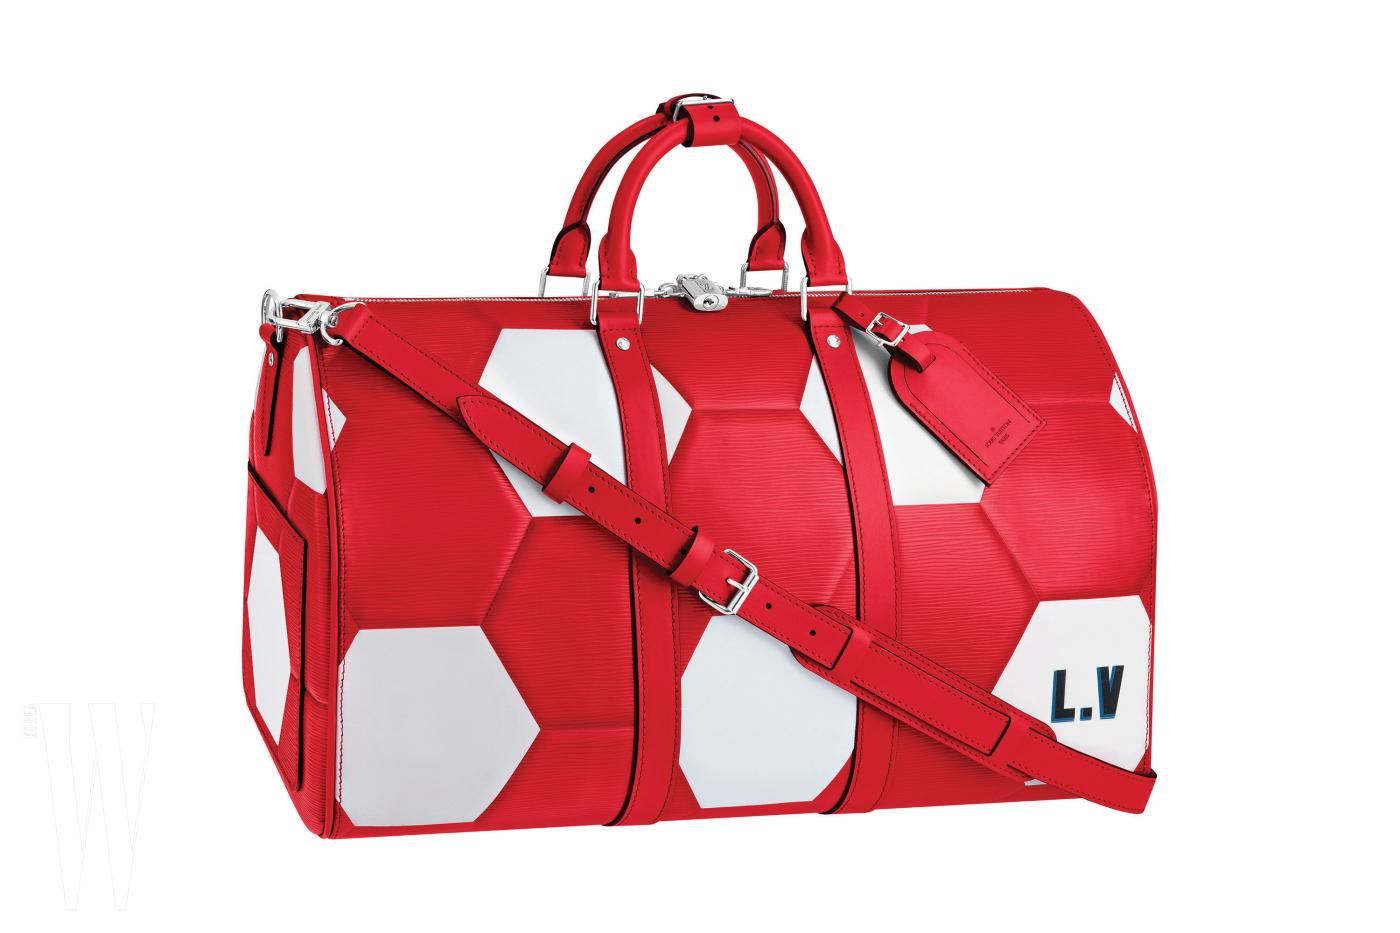 1970년 월드컵 공인구에서 영감을 얻어 축구공 패턴으로 제작한 이번 러시아 월드컵 에디션 여행 가방은 루이 비통 제품. 5백만원대.